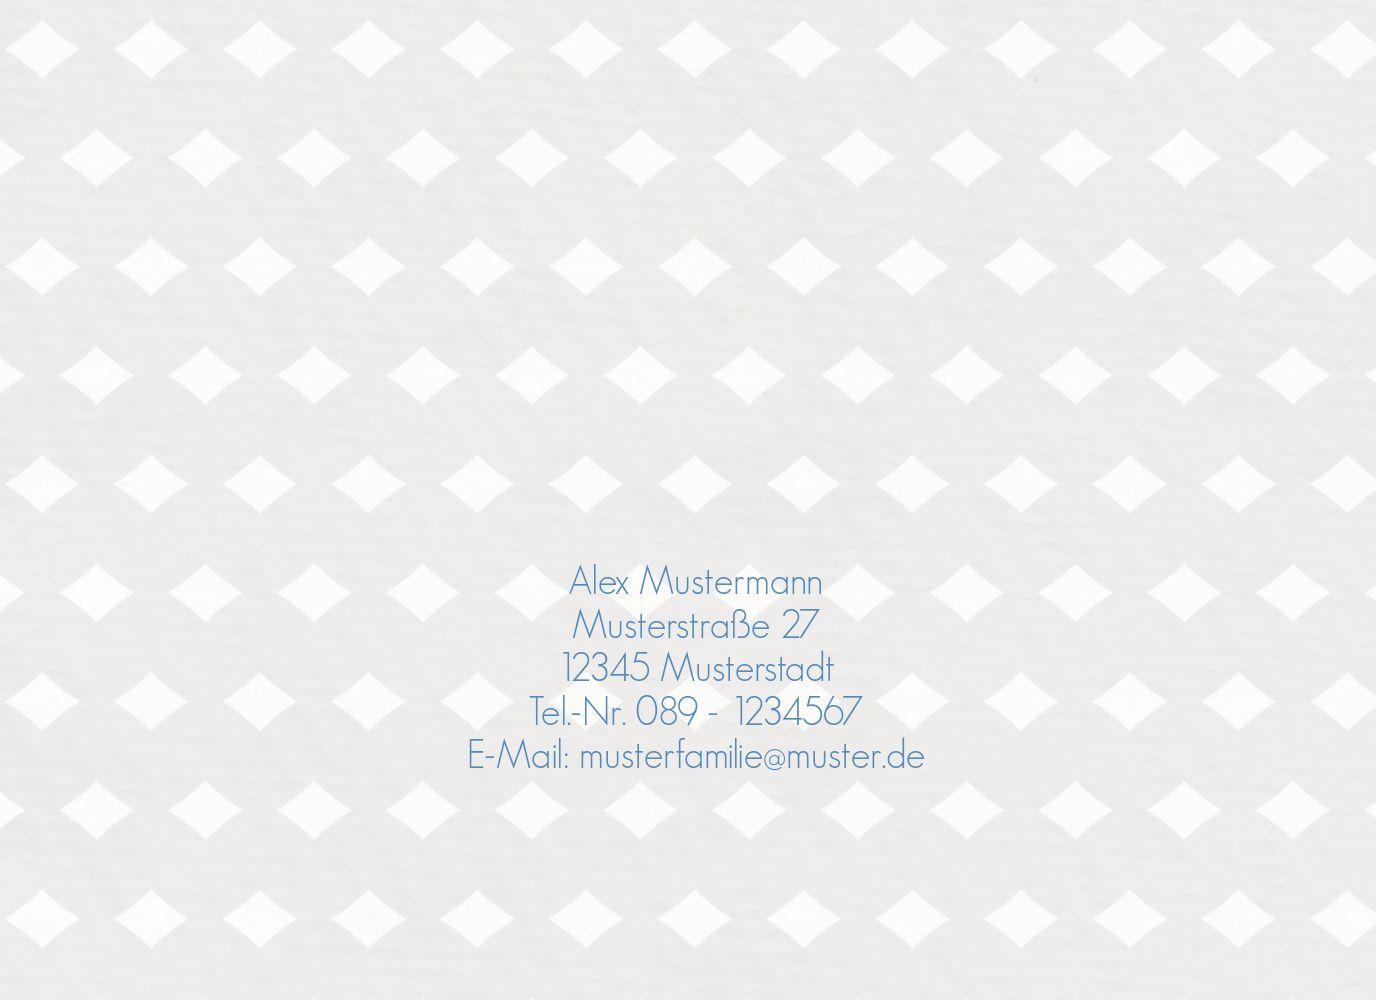 Ansicht 2 - Einladung Tannenbaum Banner